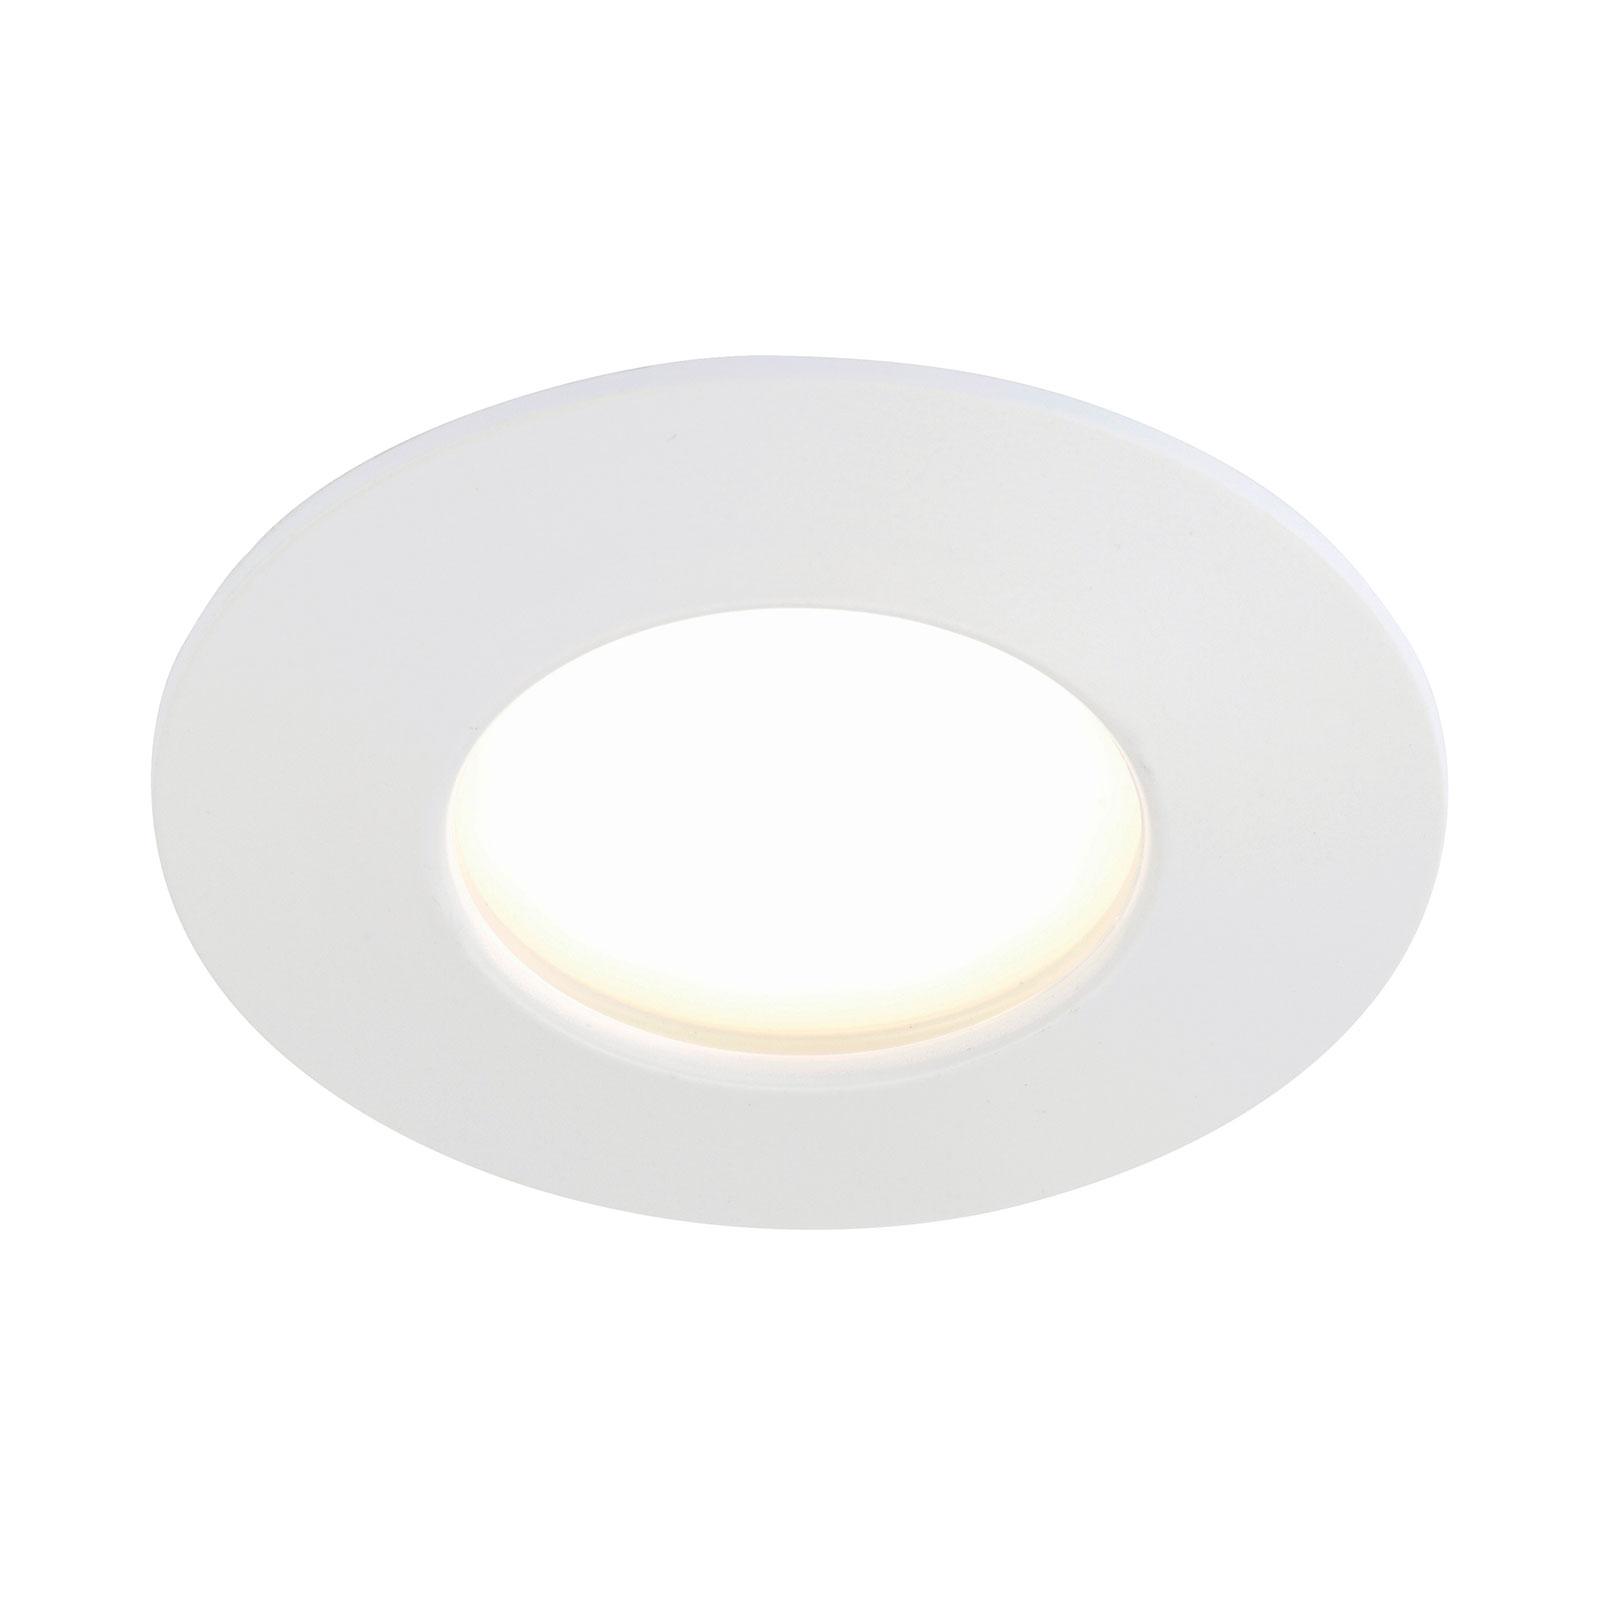 Vit LED-inbyggnadslampa Till för utomhus